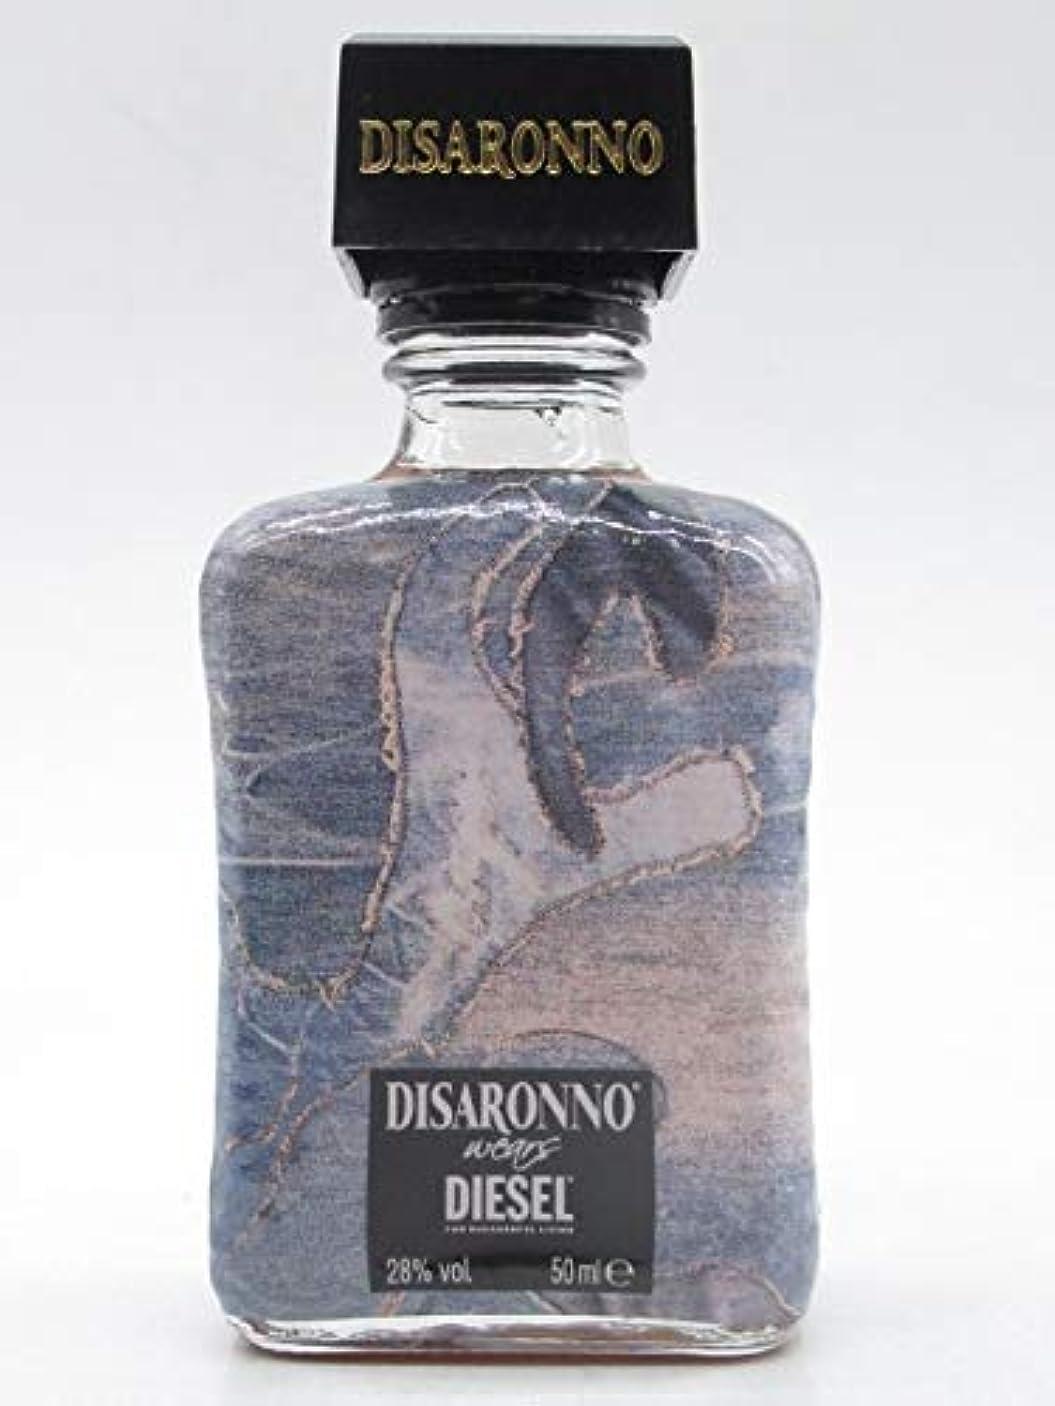 突然アマチュア推定限定品!アマレット ディサローノ ディーゼルボトル 正規品 ミニチュア 28度 50ml